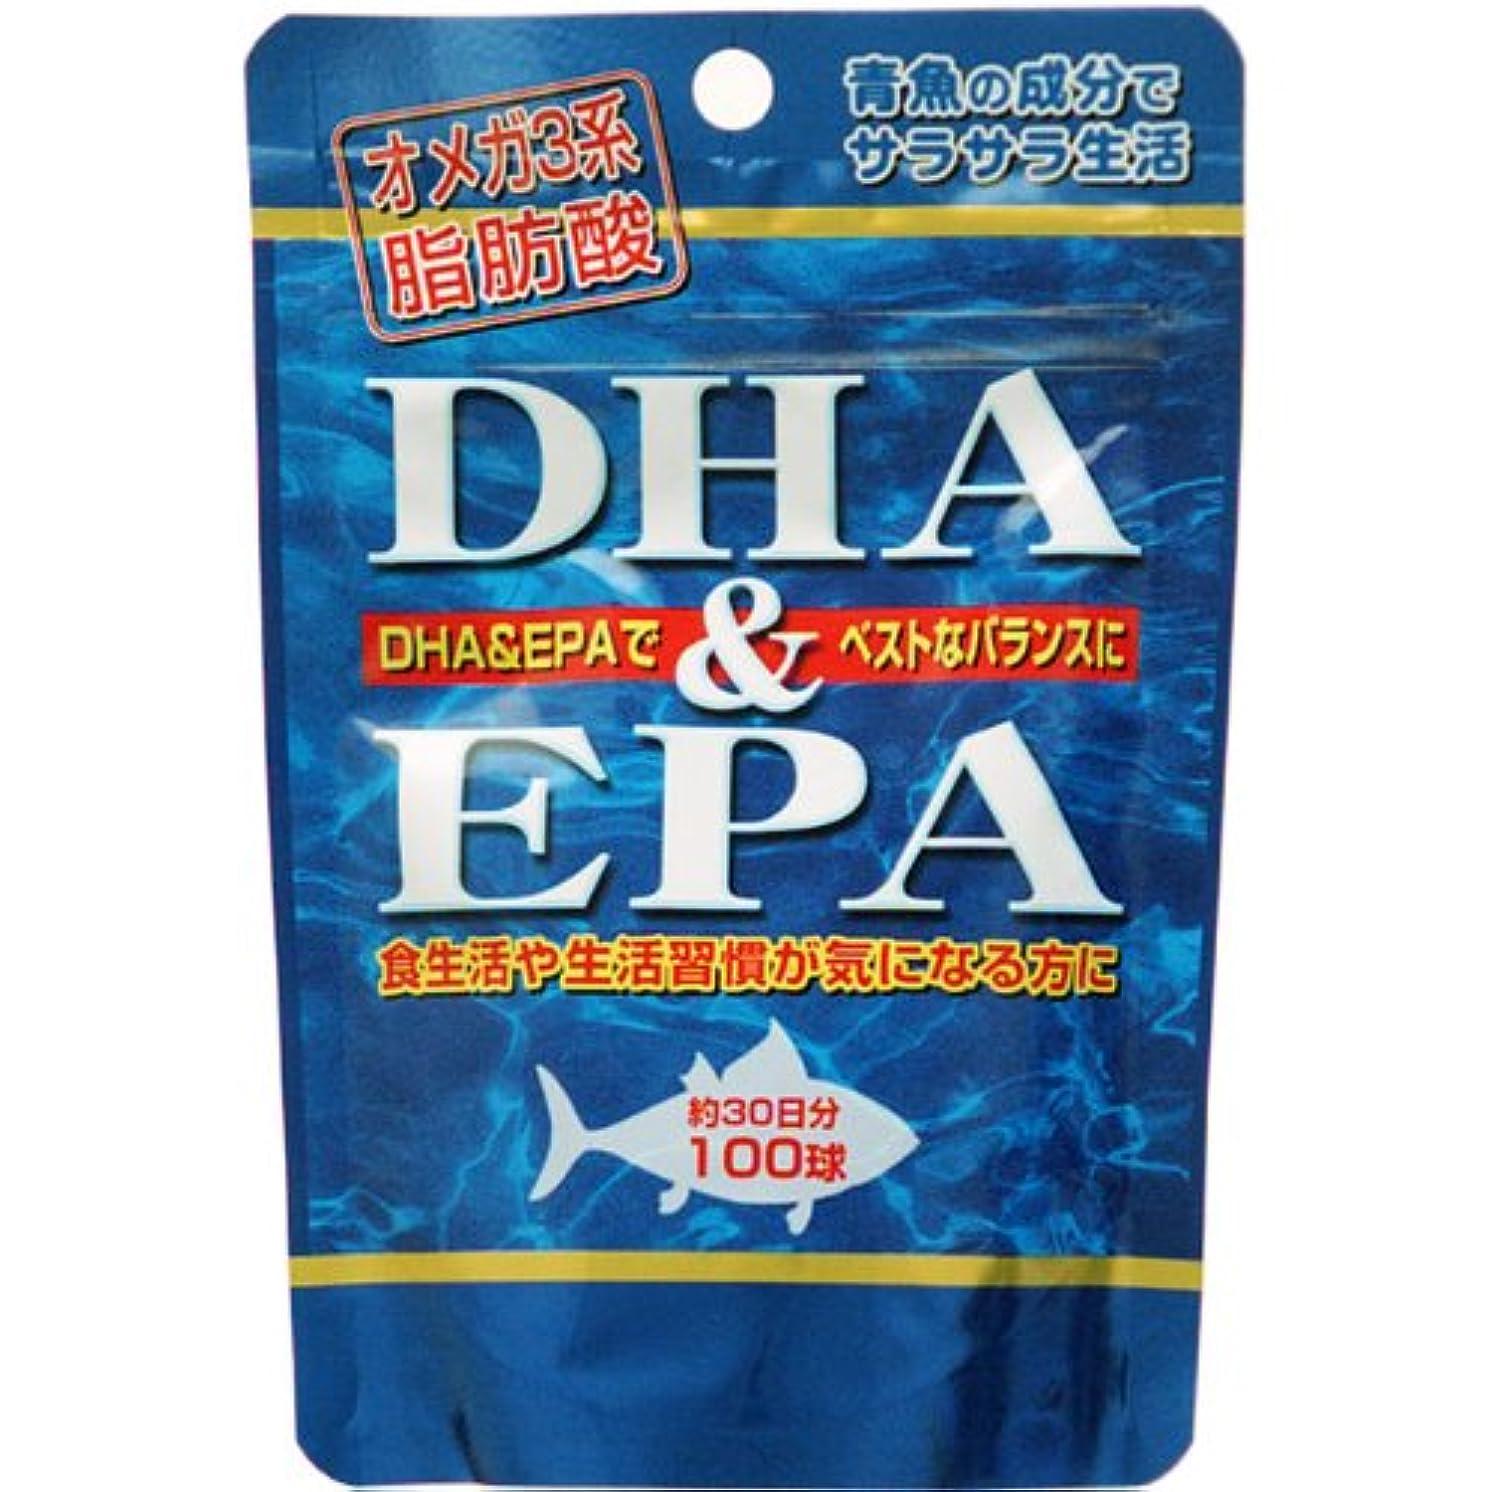 抵抗力があるデザイナー受粉者DHA(ドコサヘキサエン酸)&EPA(エイコサペンタエン酸)×2